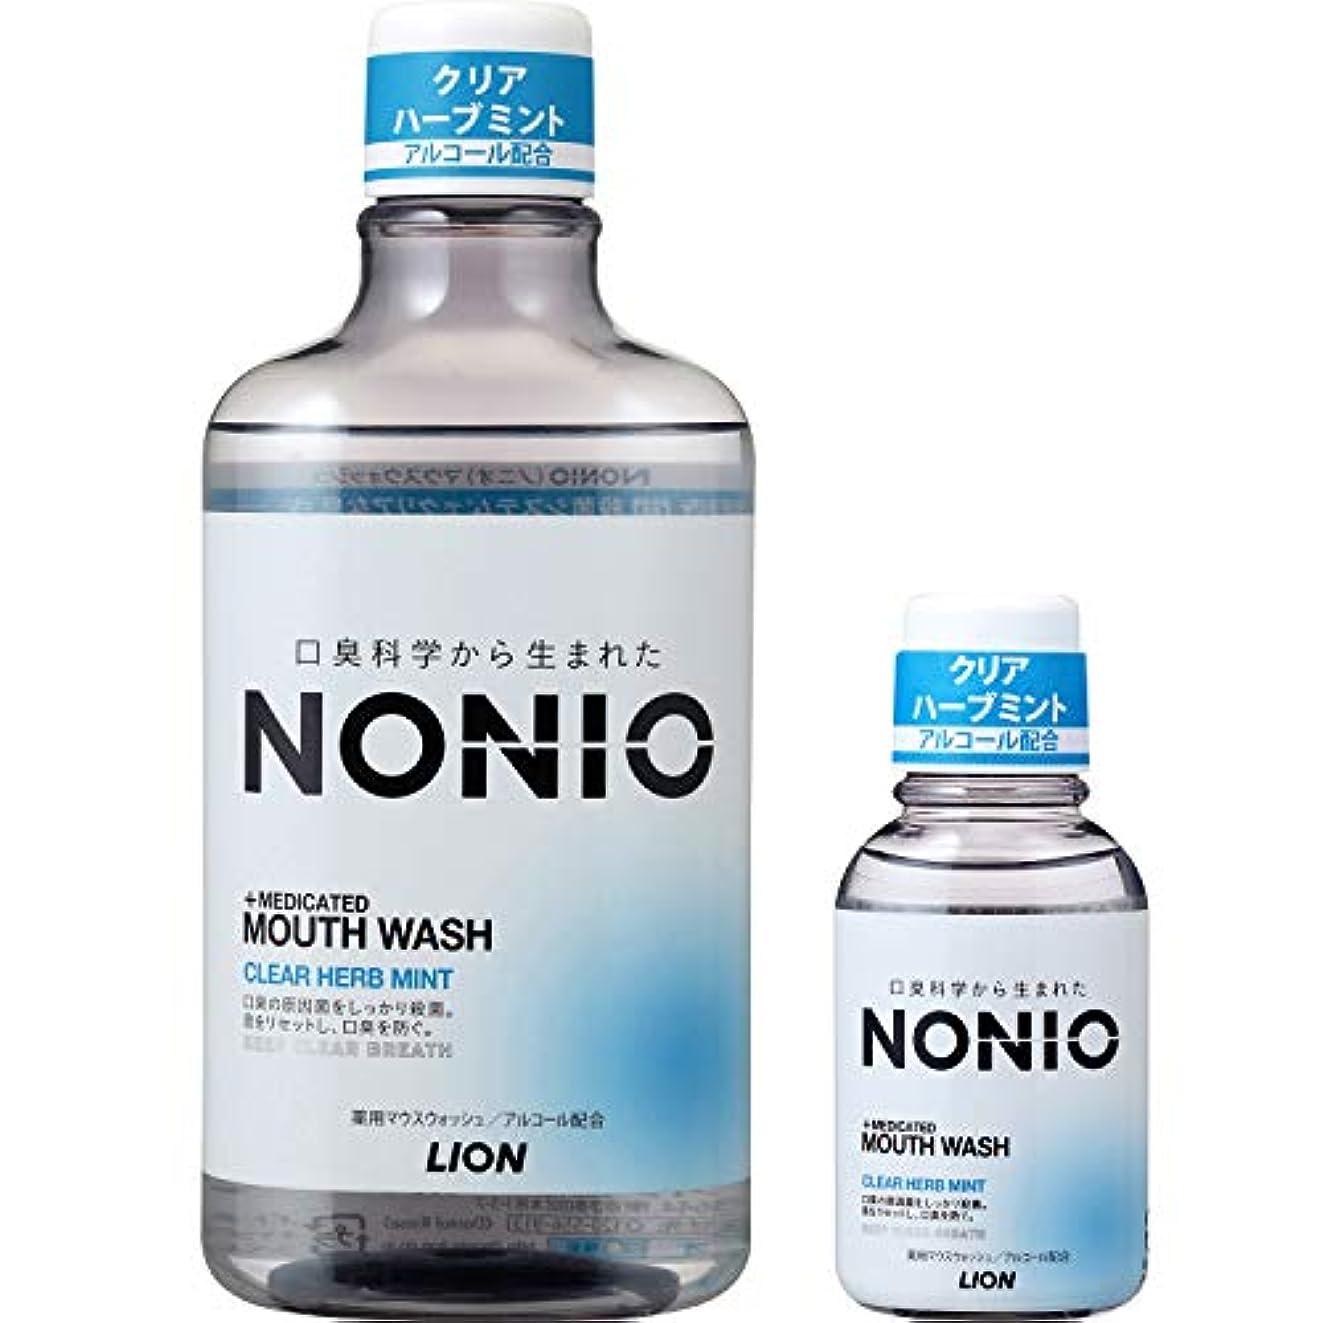 セットアップなしで責任[医薬部外品]NONIO マウスウォッシュ クリアハーブミント 600ml 洗口液+ミニリンス80ml